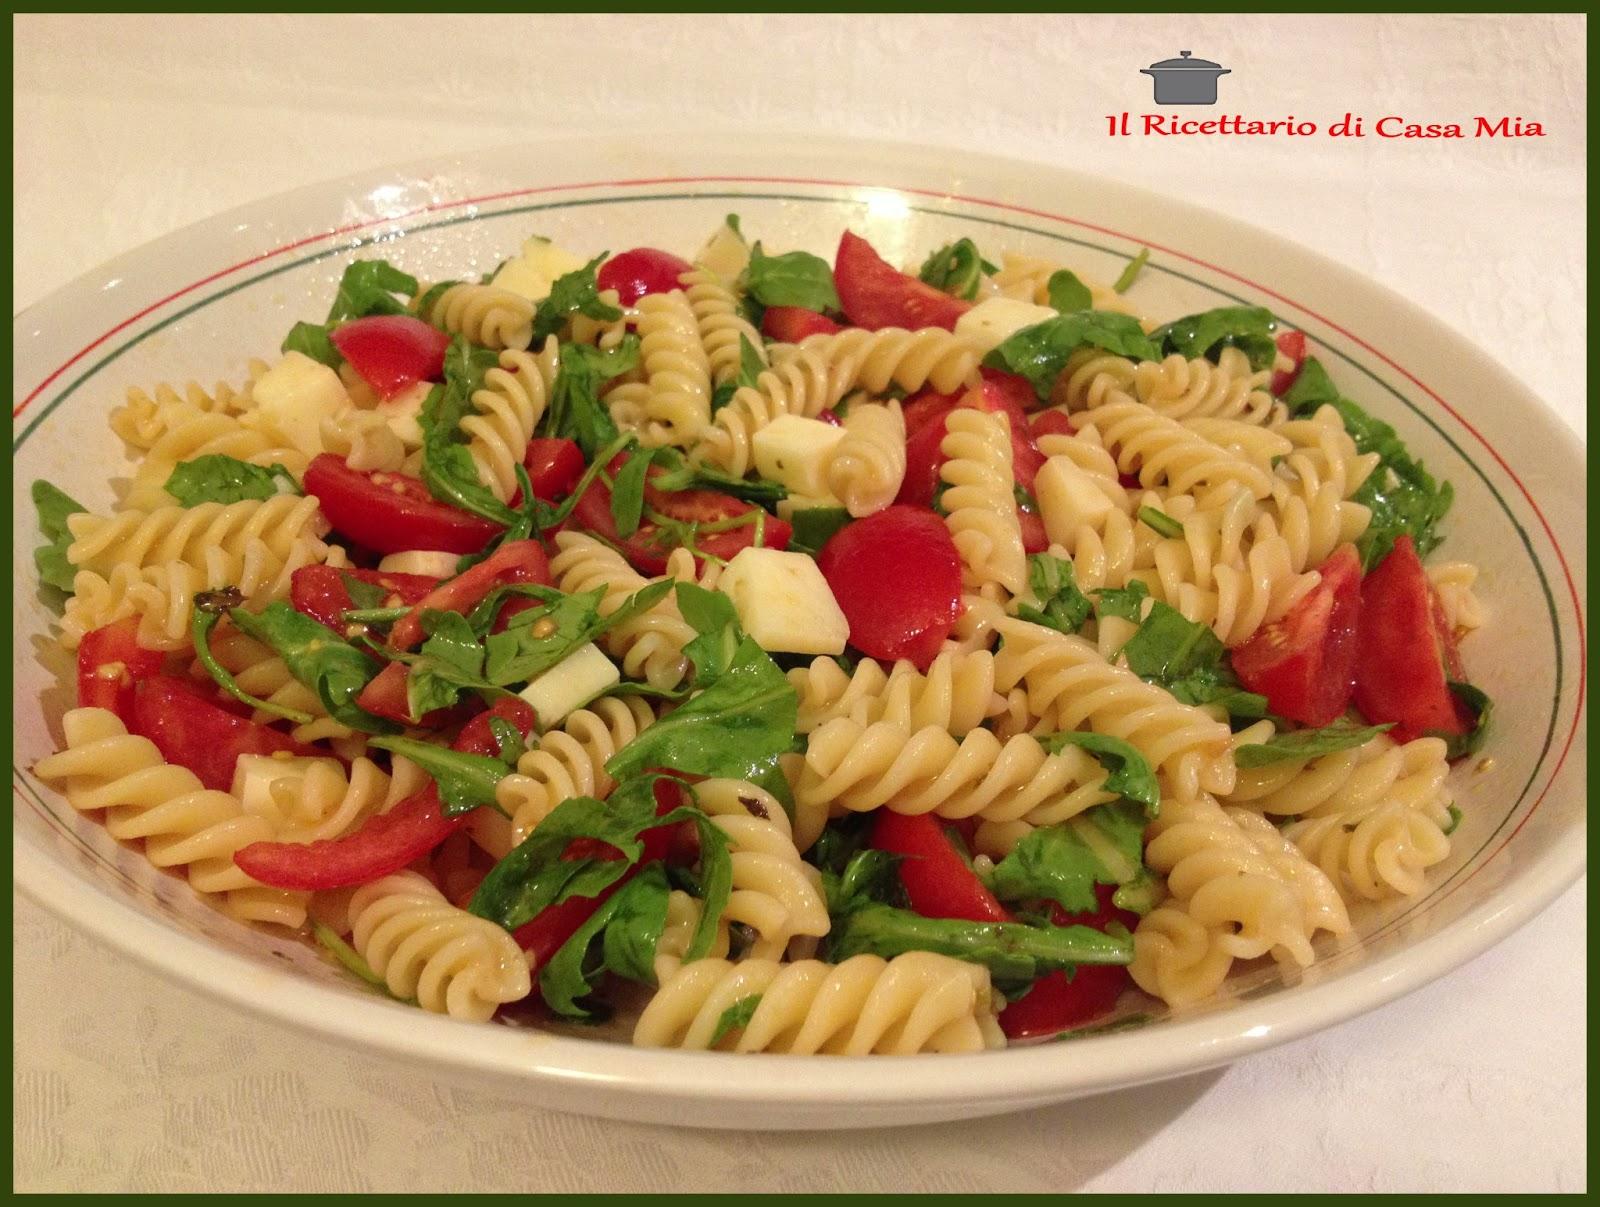 Favori Il Ricettario di Casa Mia: Pasta Fredda con Pomodorini e Rucola PZ83